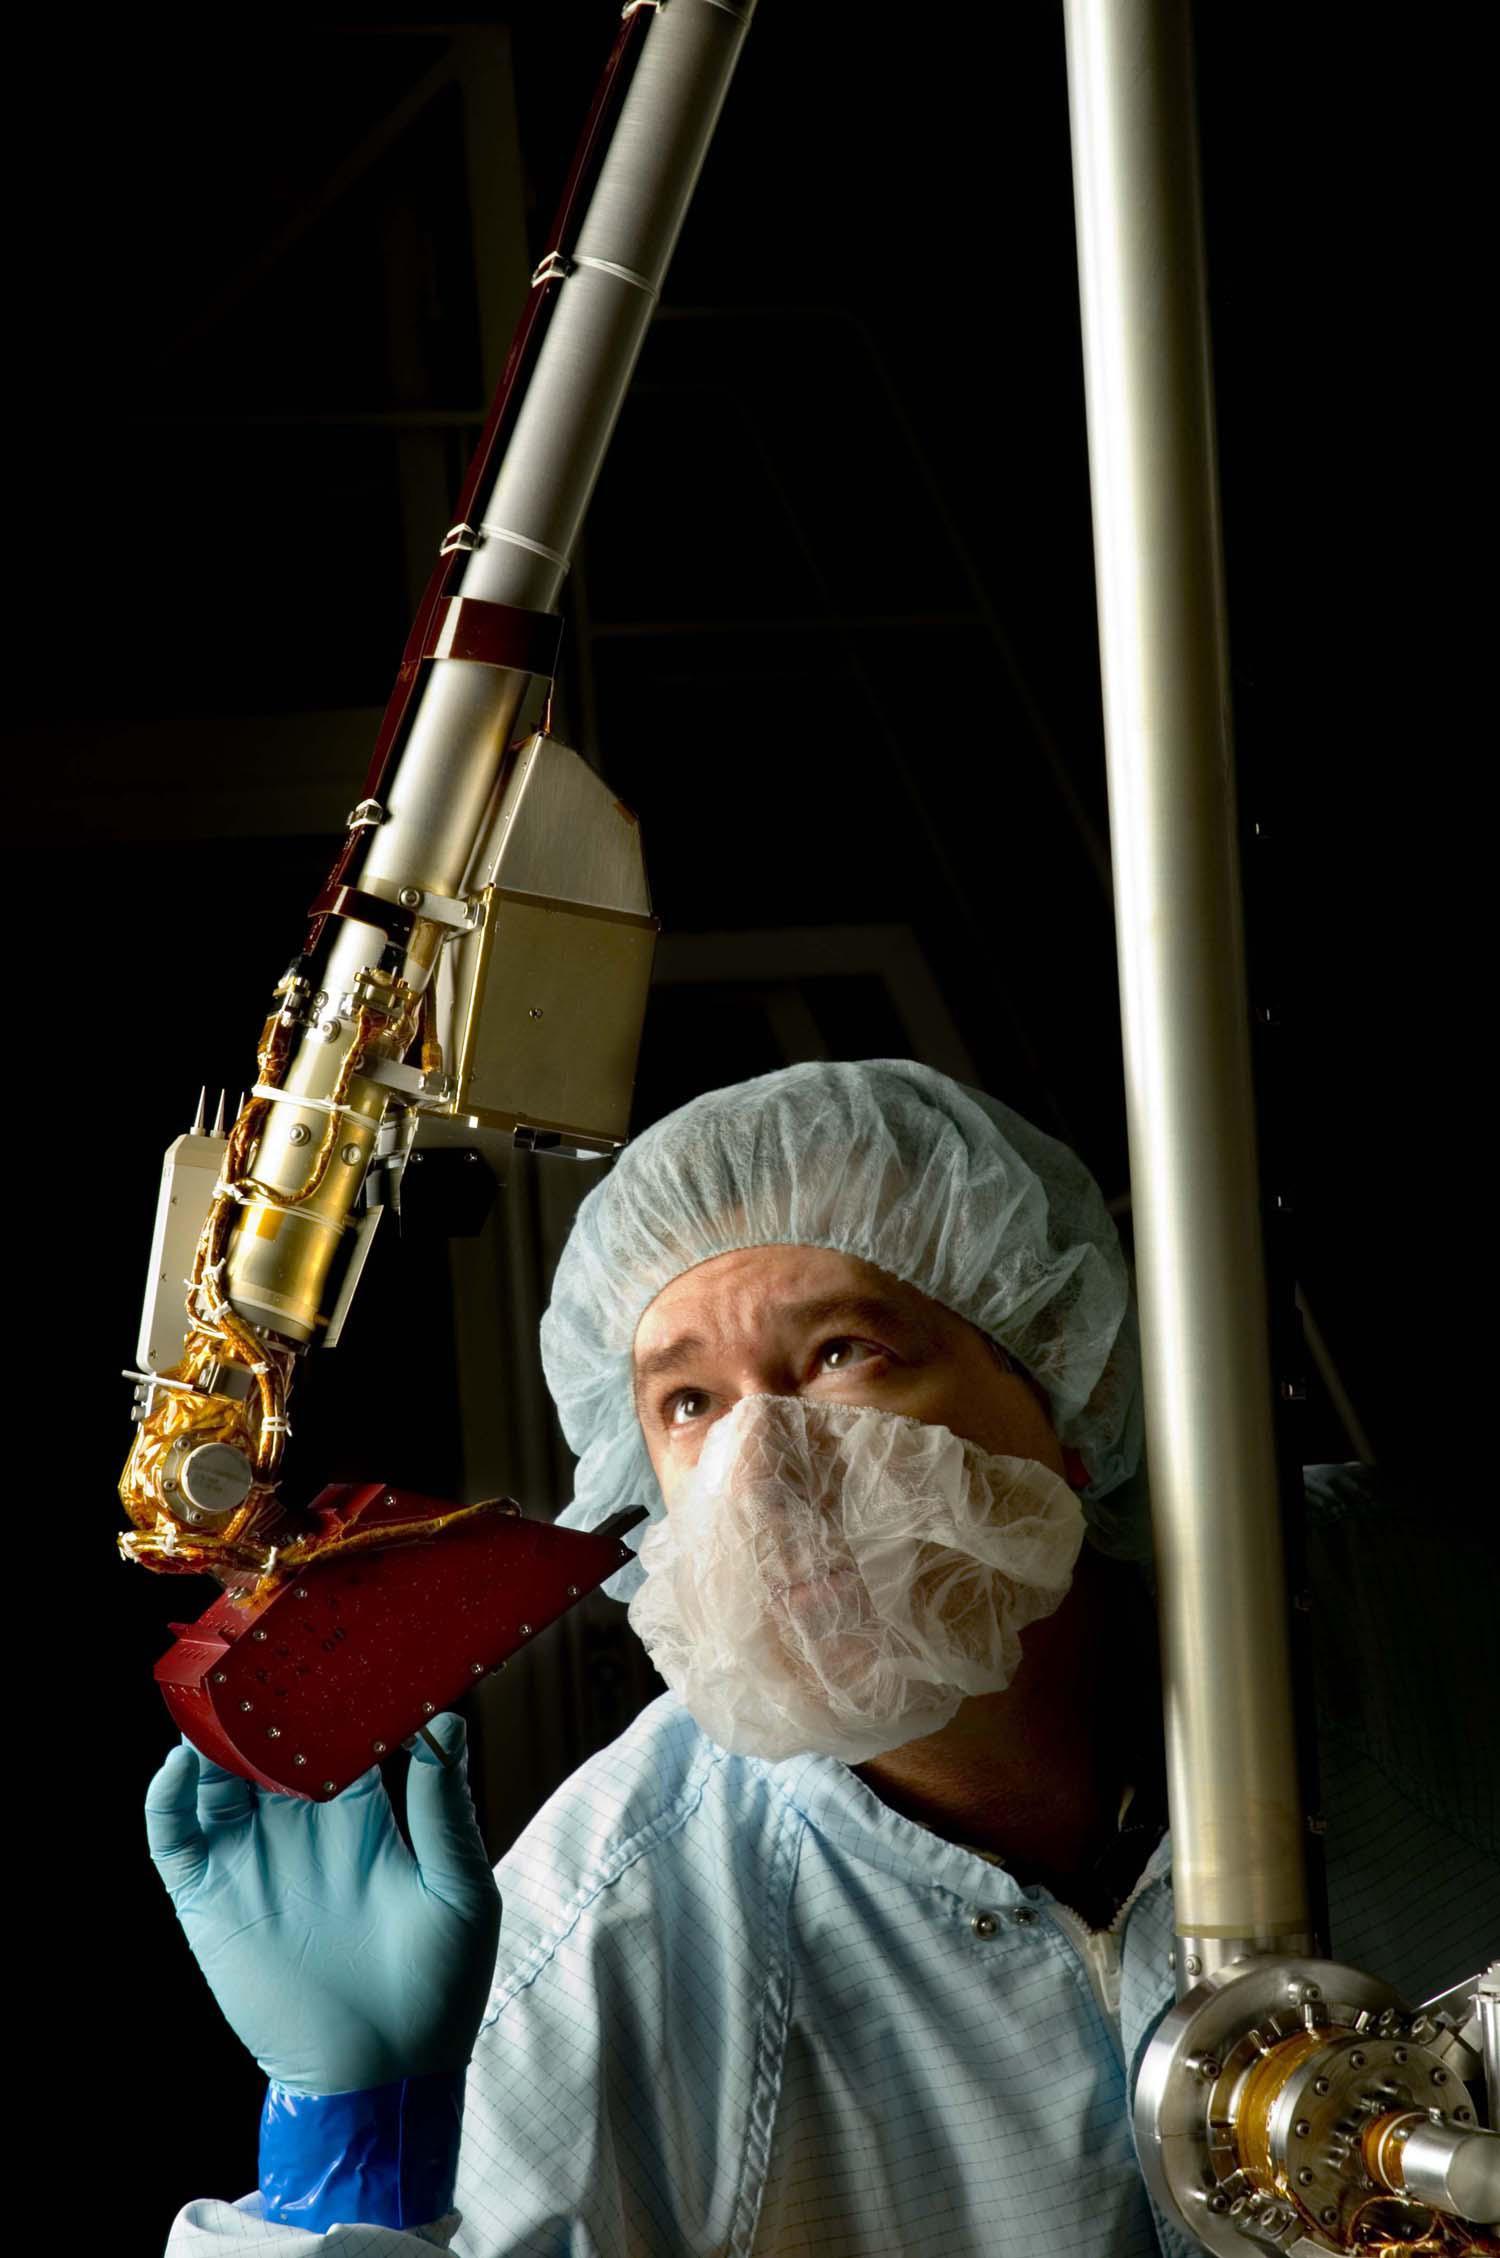 Robotic Arm | NASA